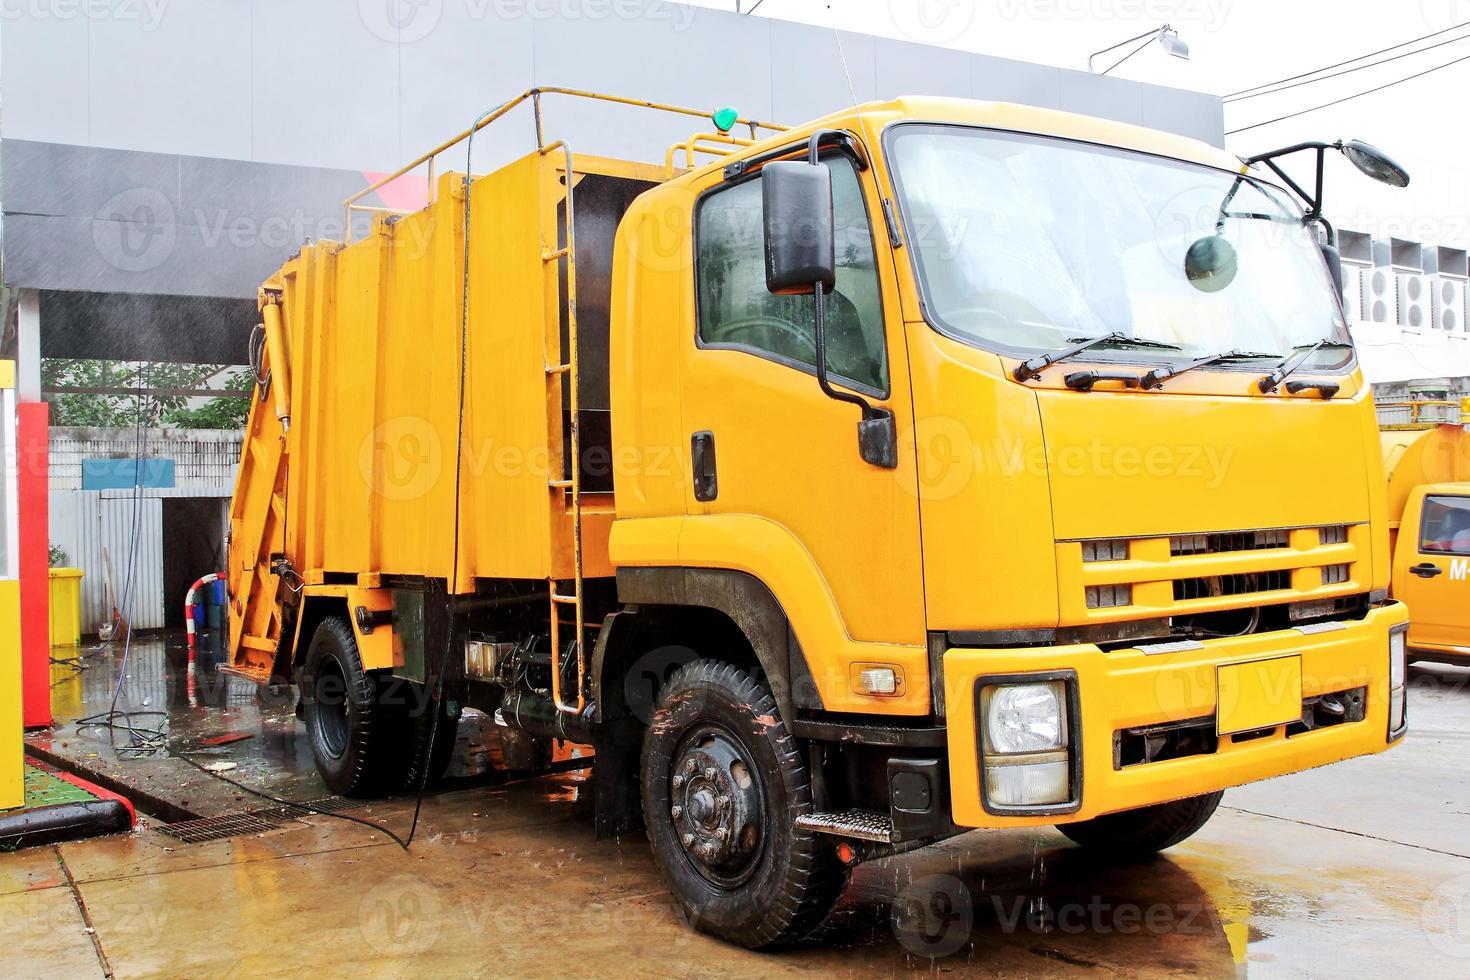 Yellow garbage truck photo